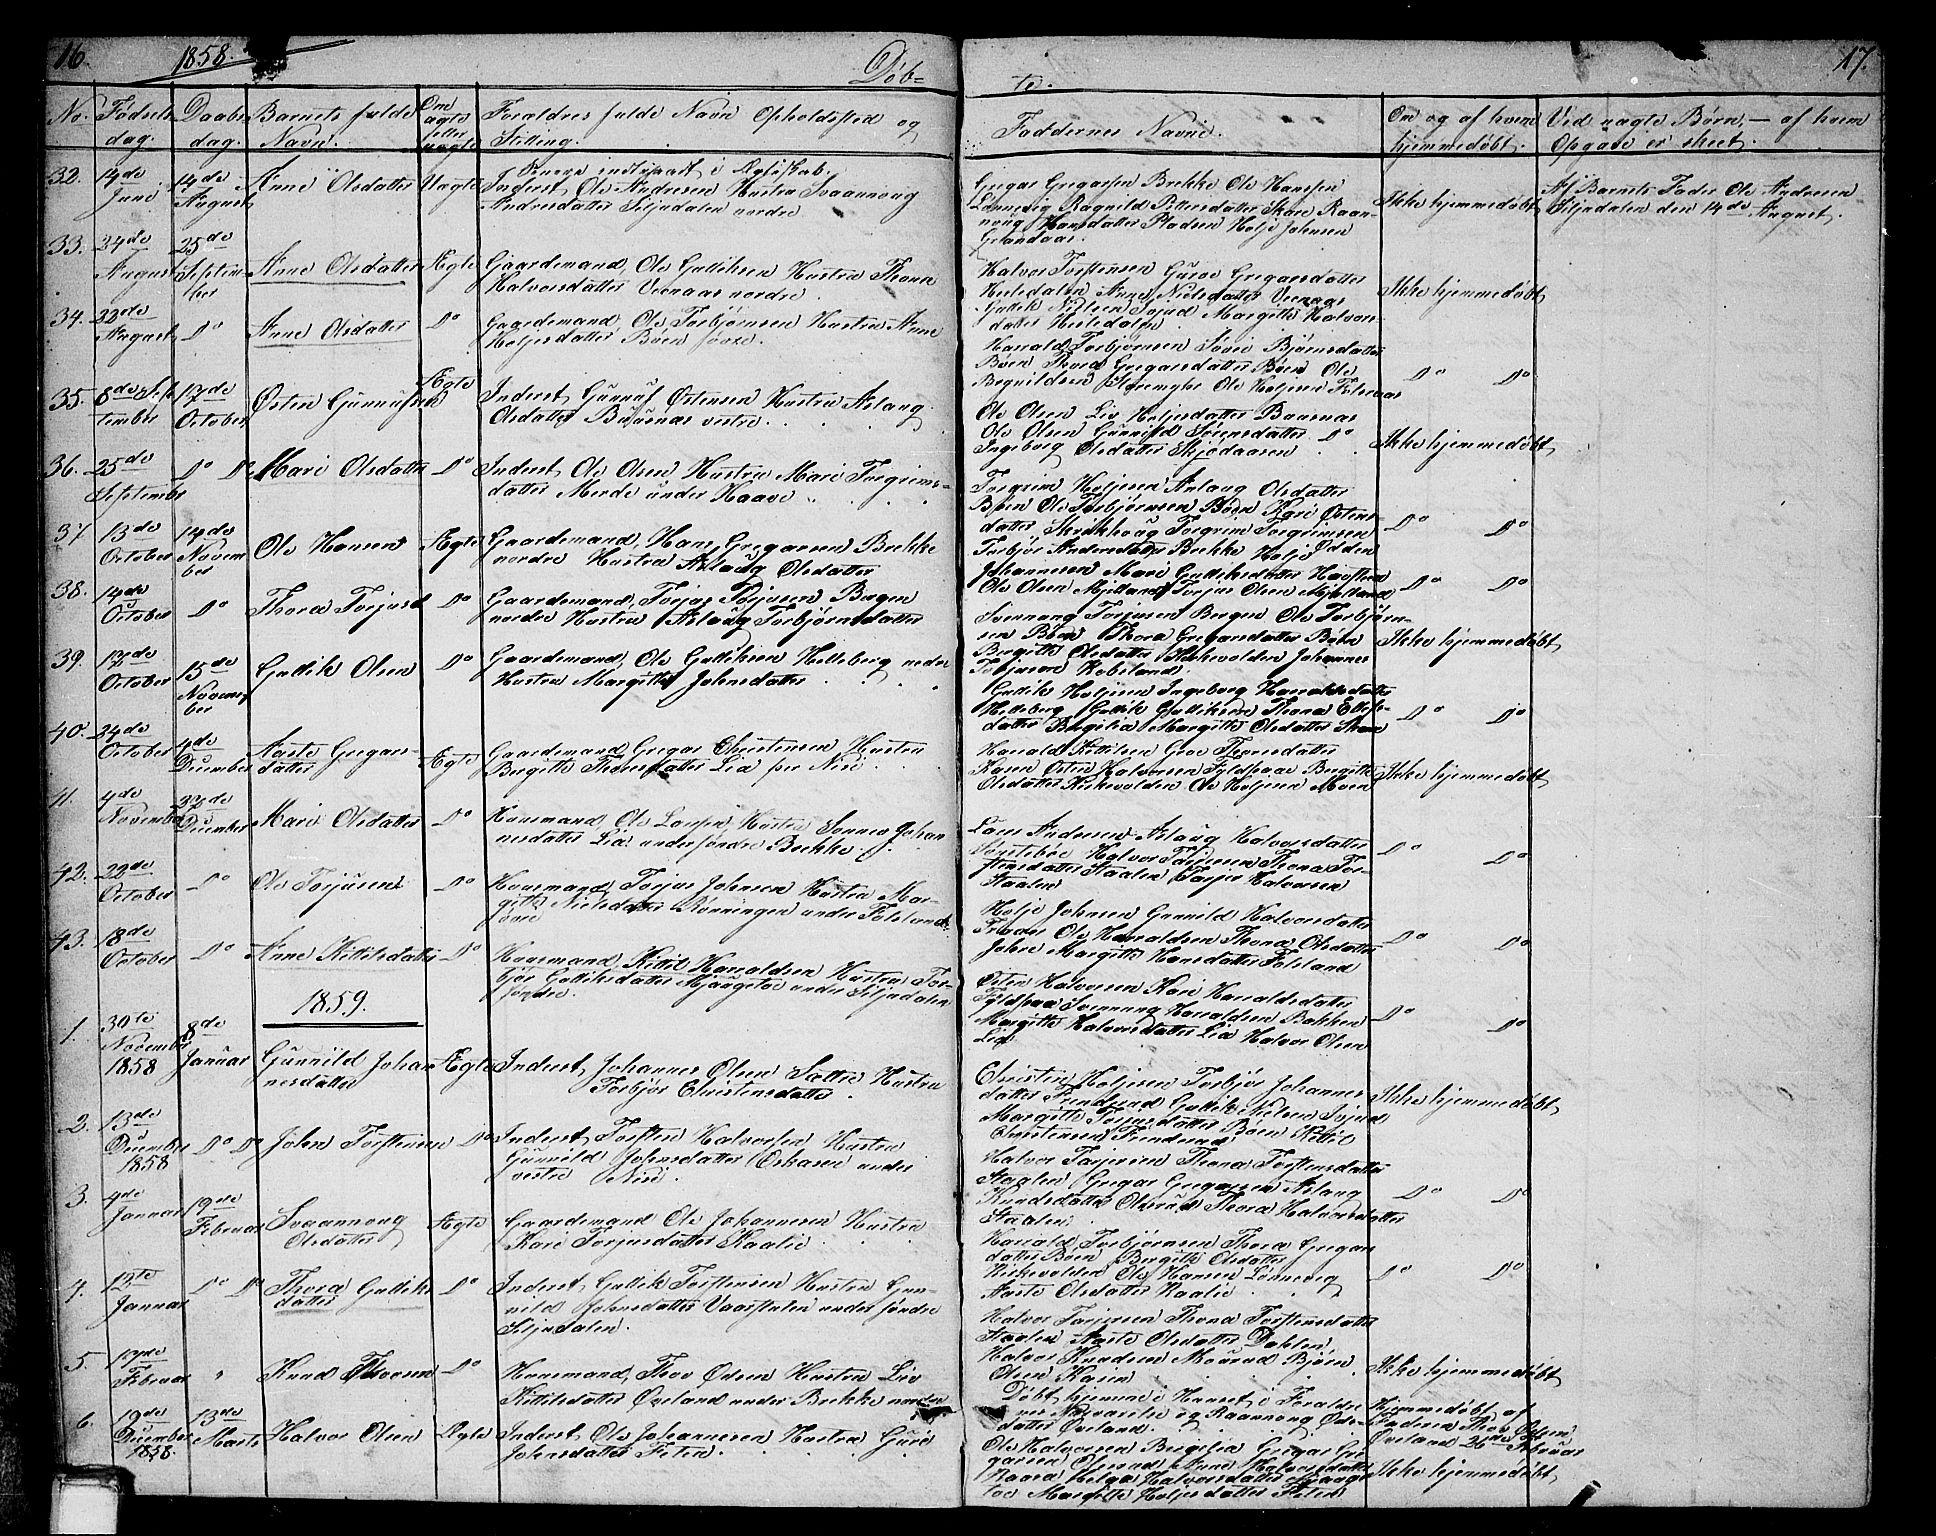 SAKO, Gransherad kirkebøker, G/Ga/L0002: Klokkerbok nr. I 2, 1854-1886, s. 16-17